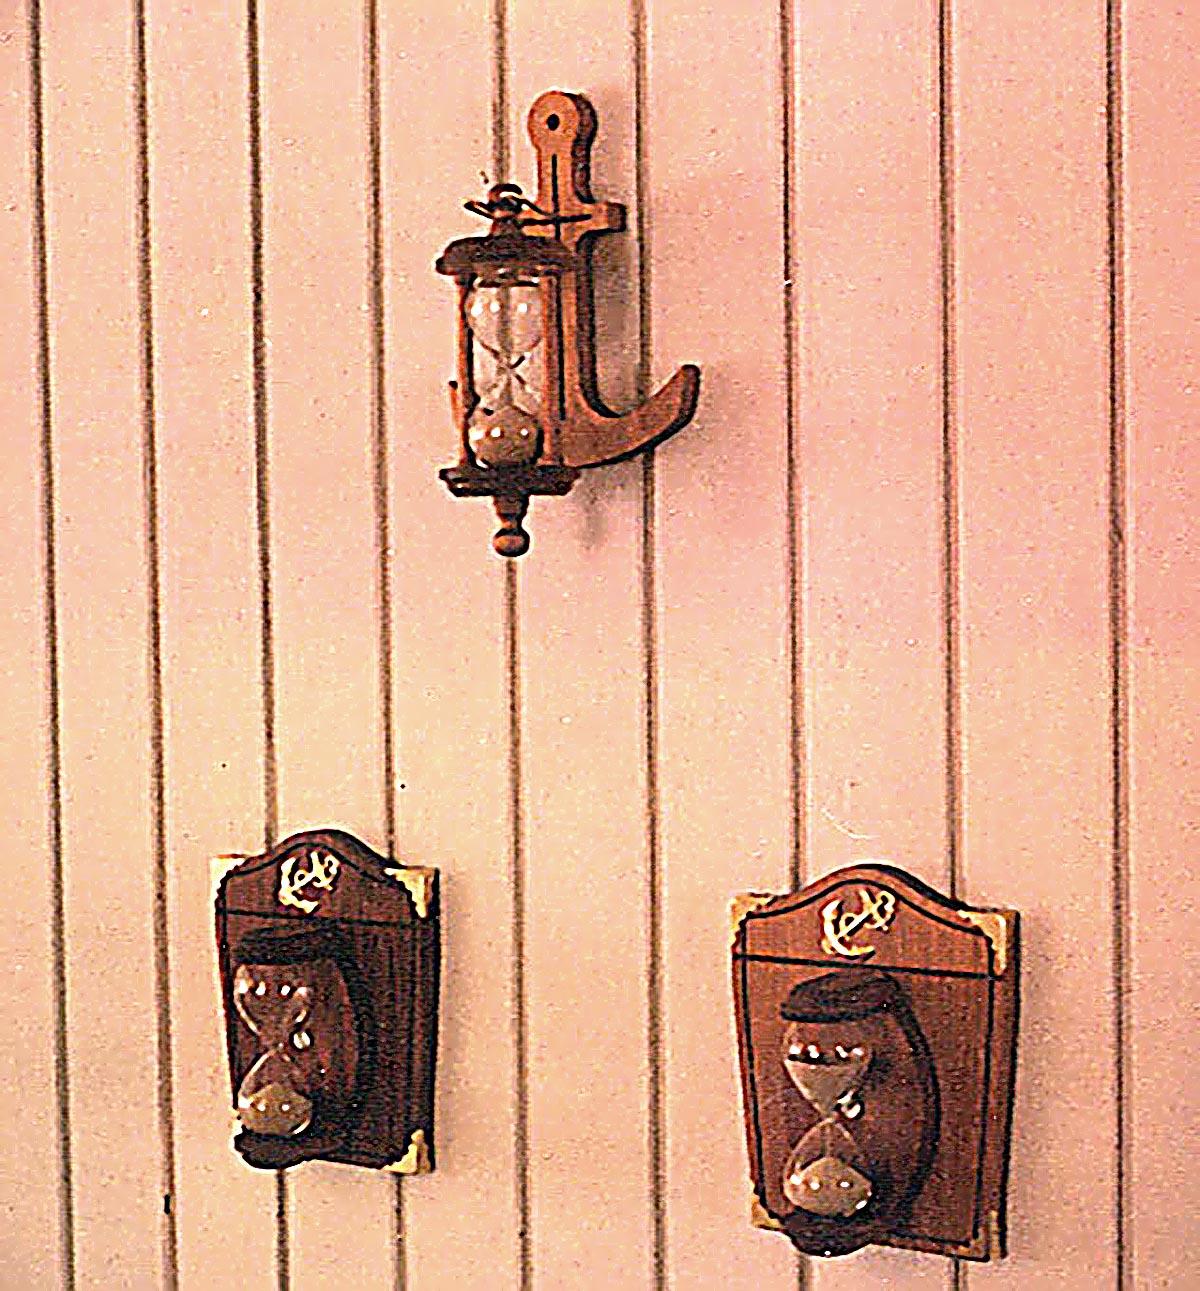 Padauk Anchor Wall-Mounted Hourglass